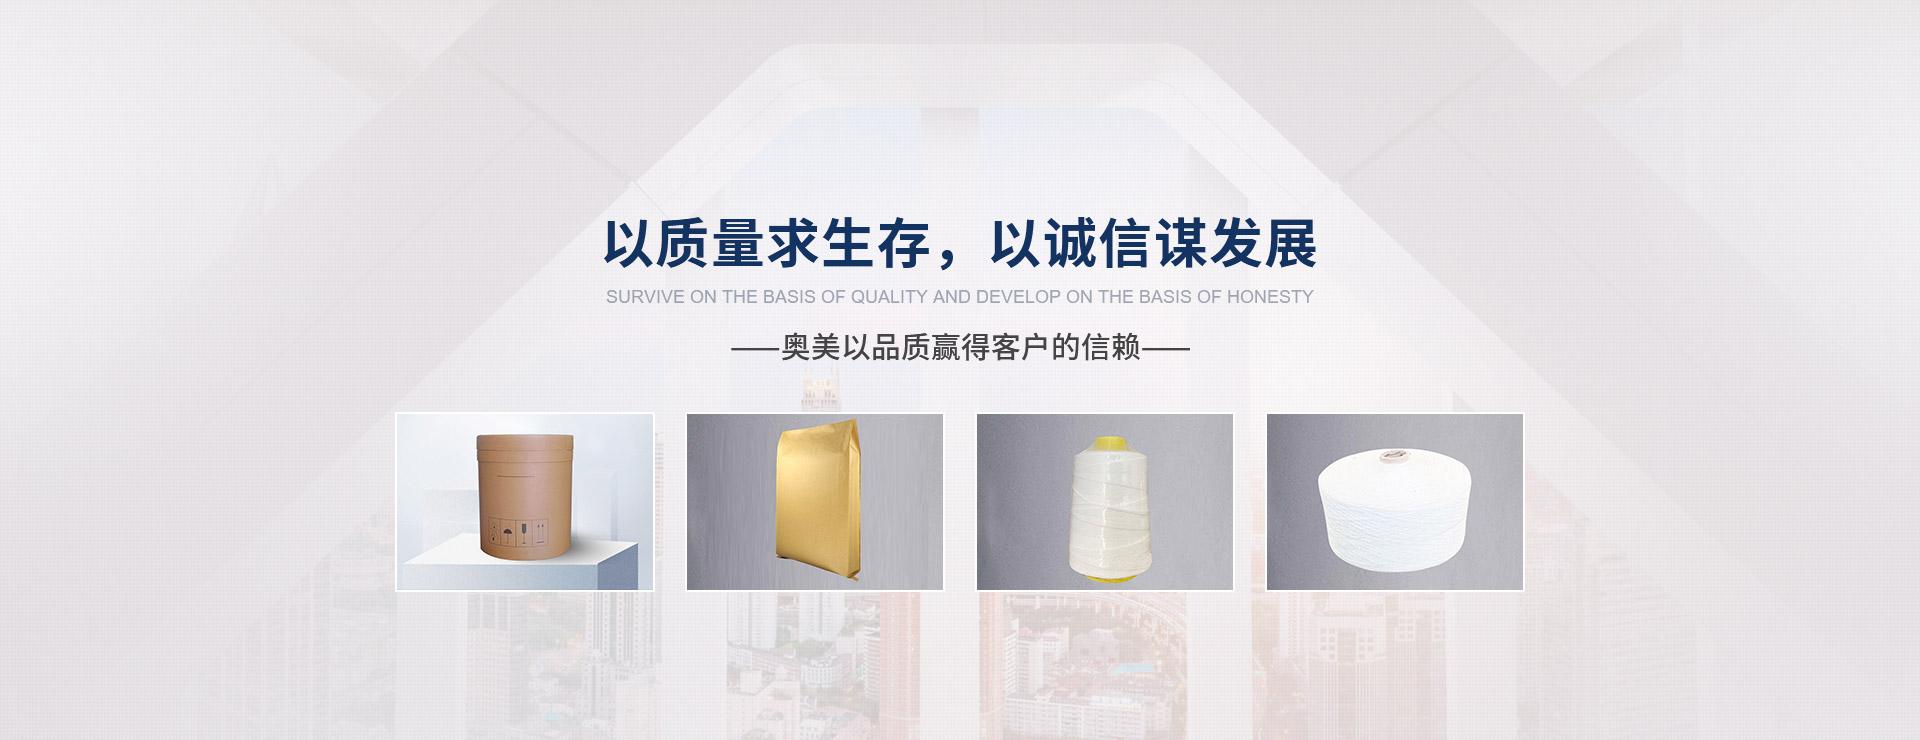 内蒙古纸桶厂